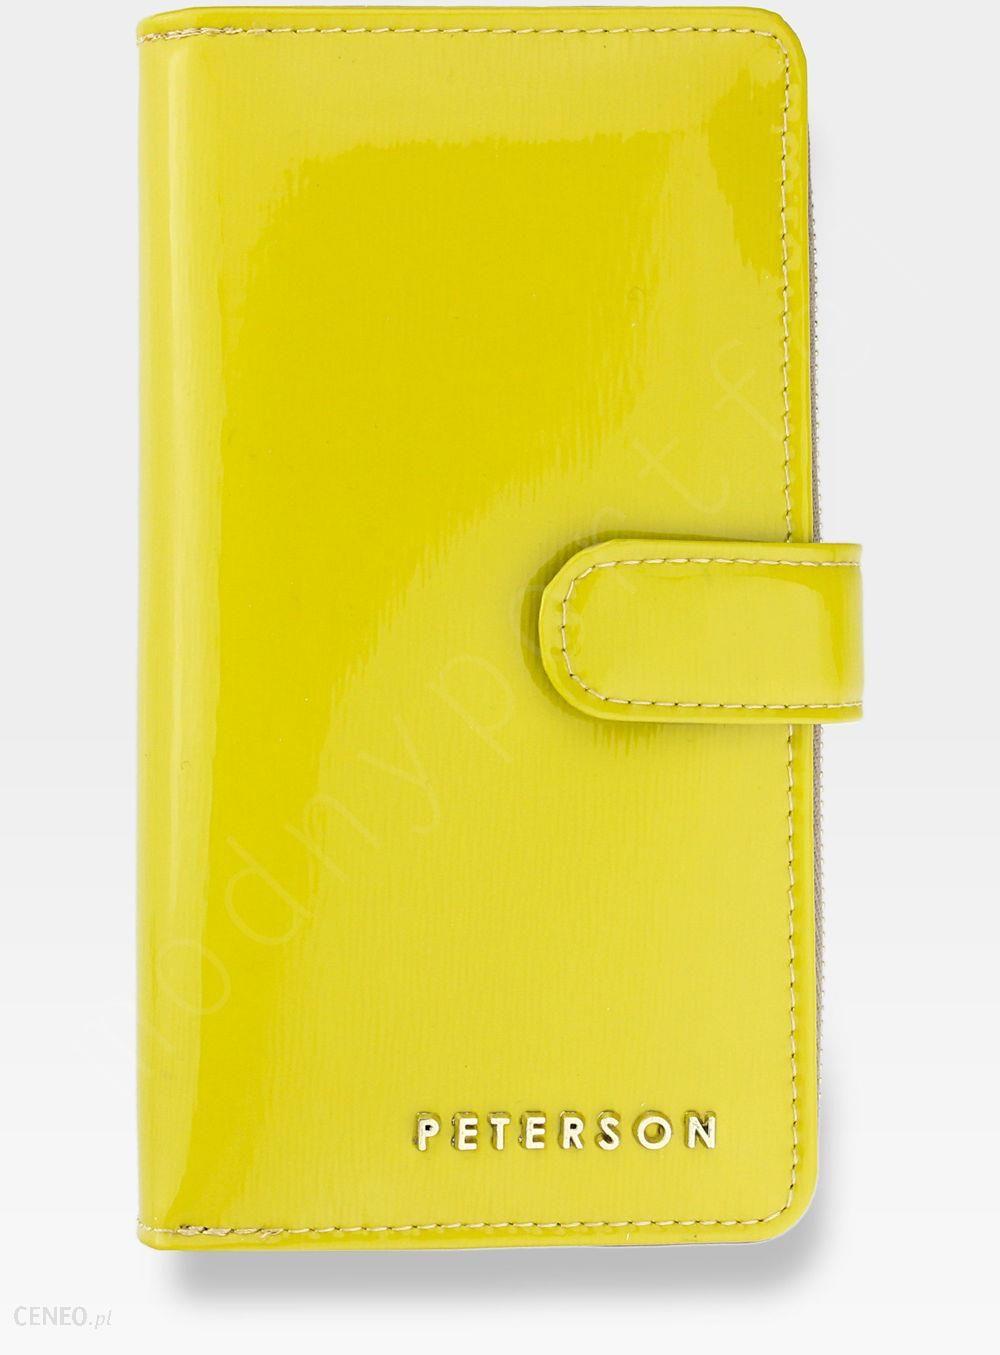 526a6701bc677 Portfel Damski Skórzany PETERSON Lakierowany 603 Żółty Błyszczący - zdjęcie  1